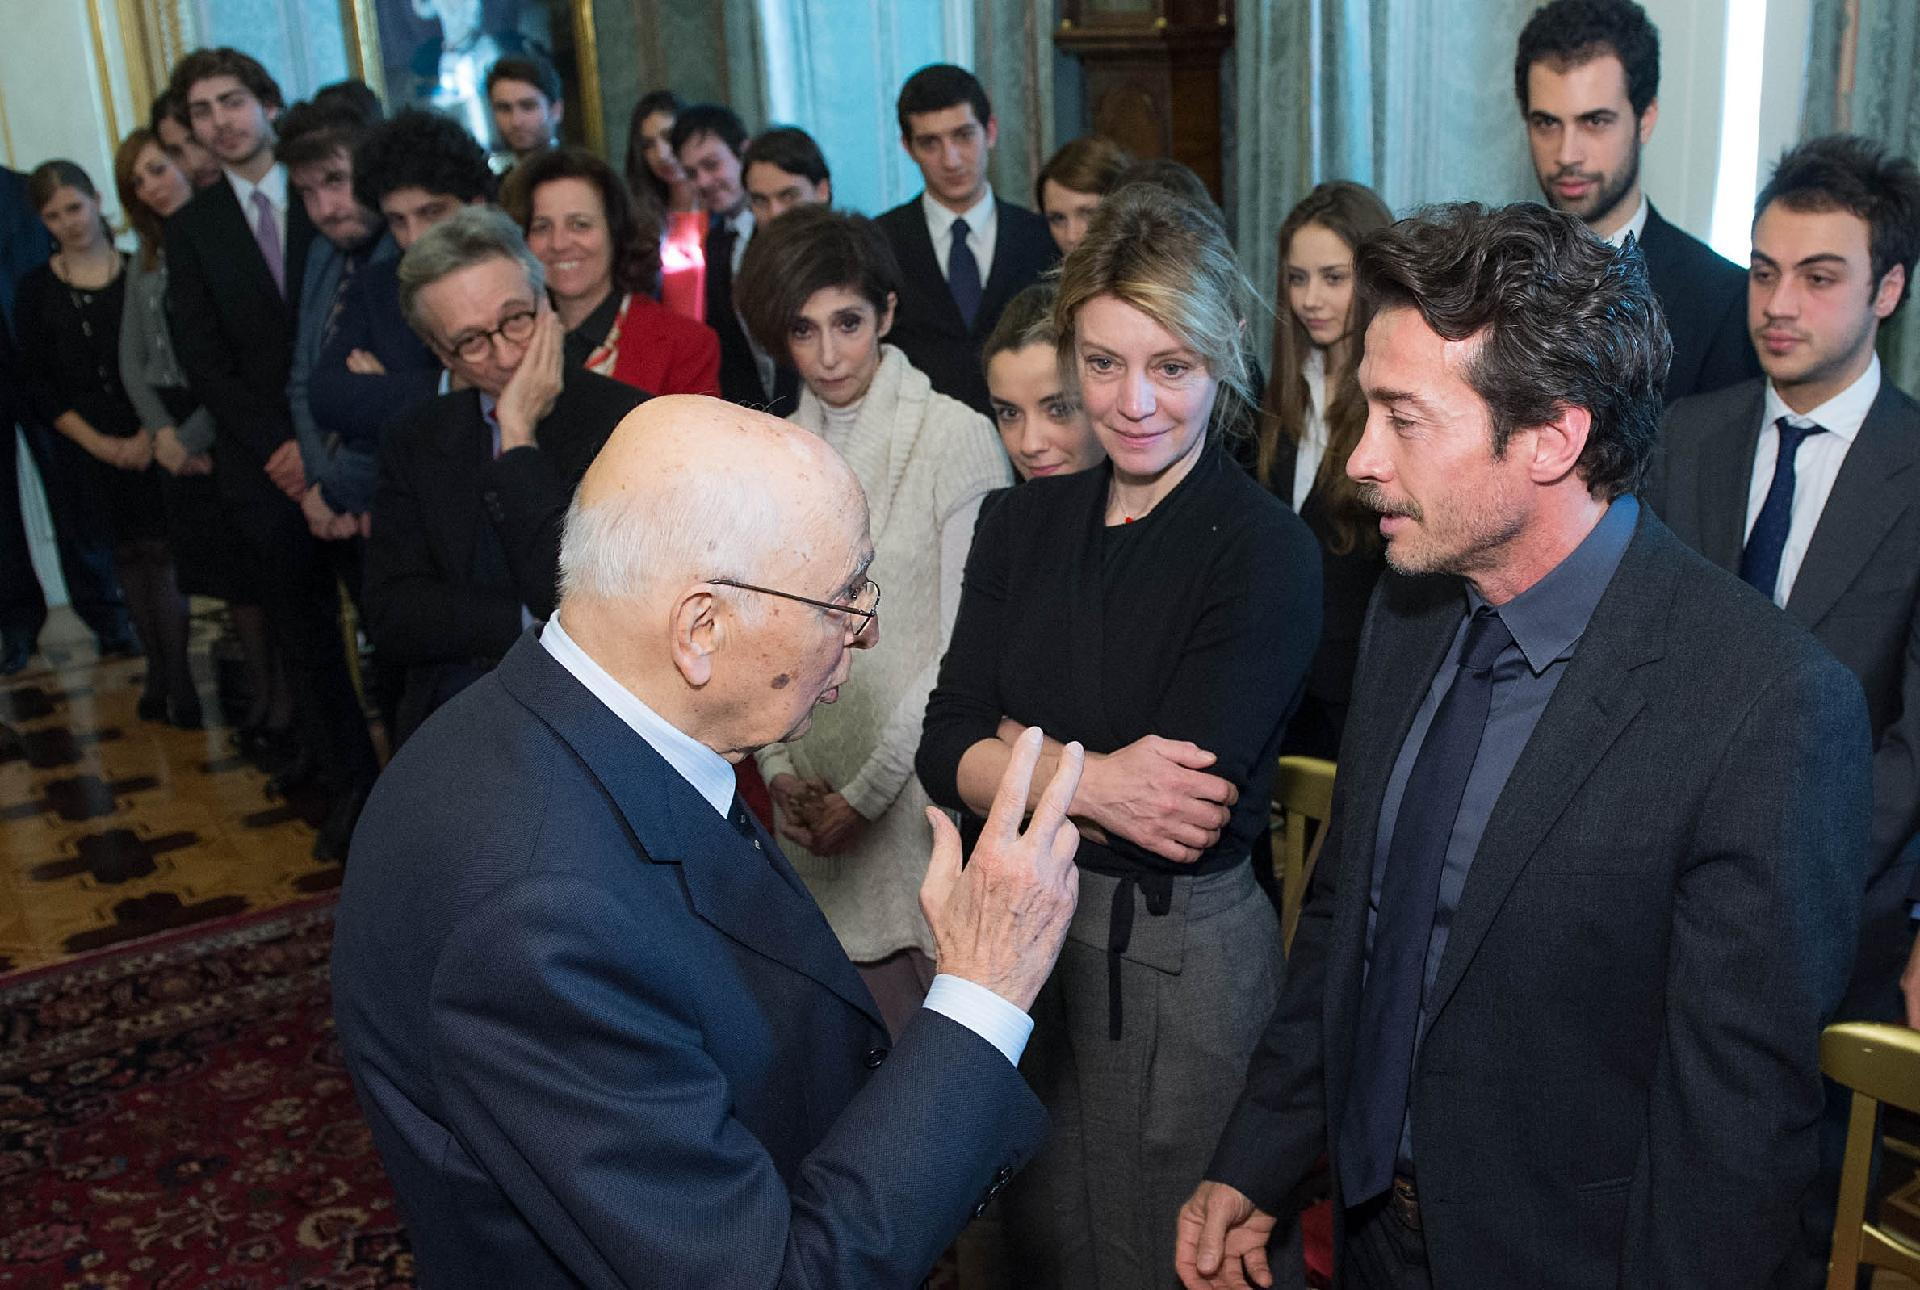 Paola Senatore il presidente giorgio napolitano al termine dell'incontro